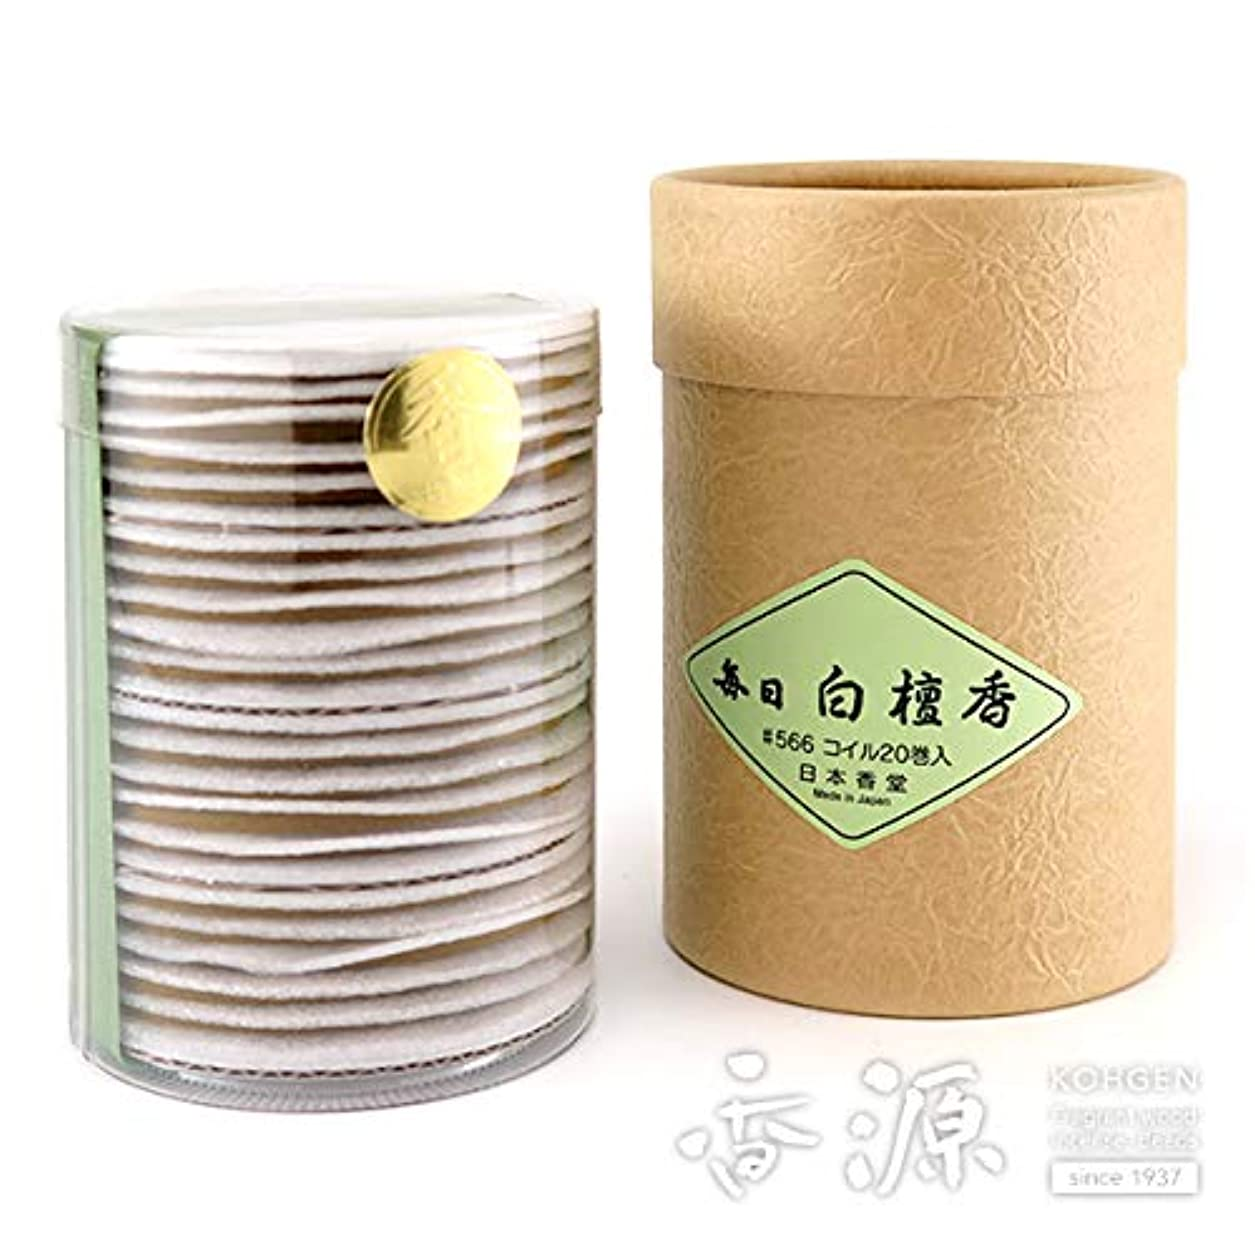 全くクレタ終了する日本香堂のお香 毎日白檀香 徳用渦巻型20枚入